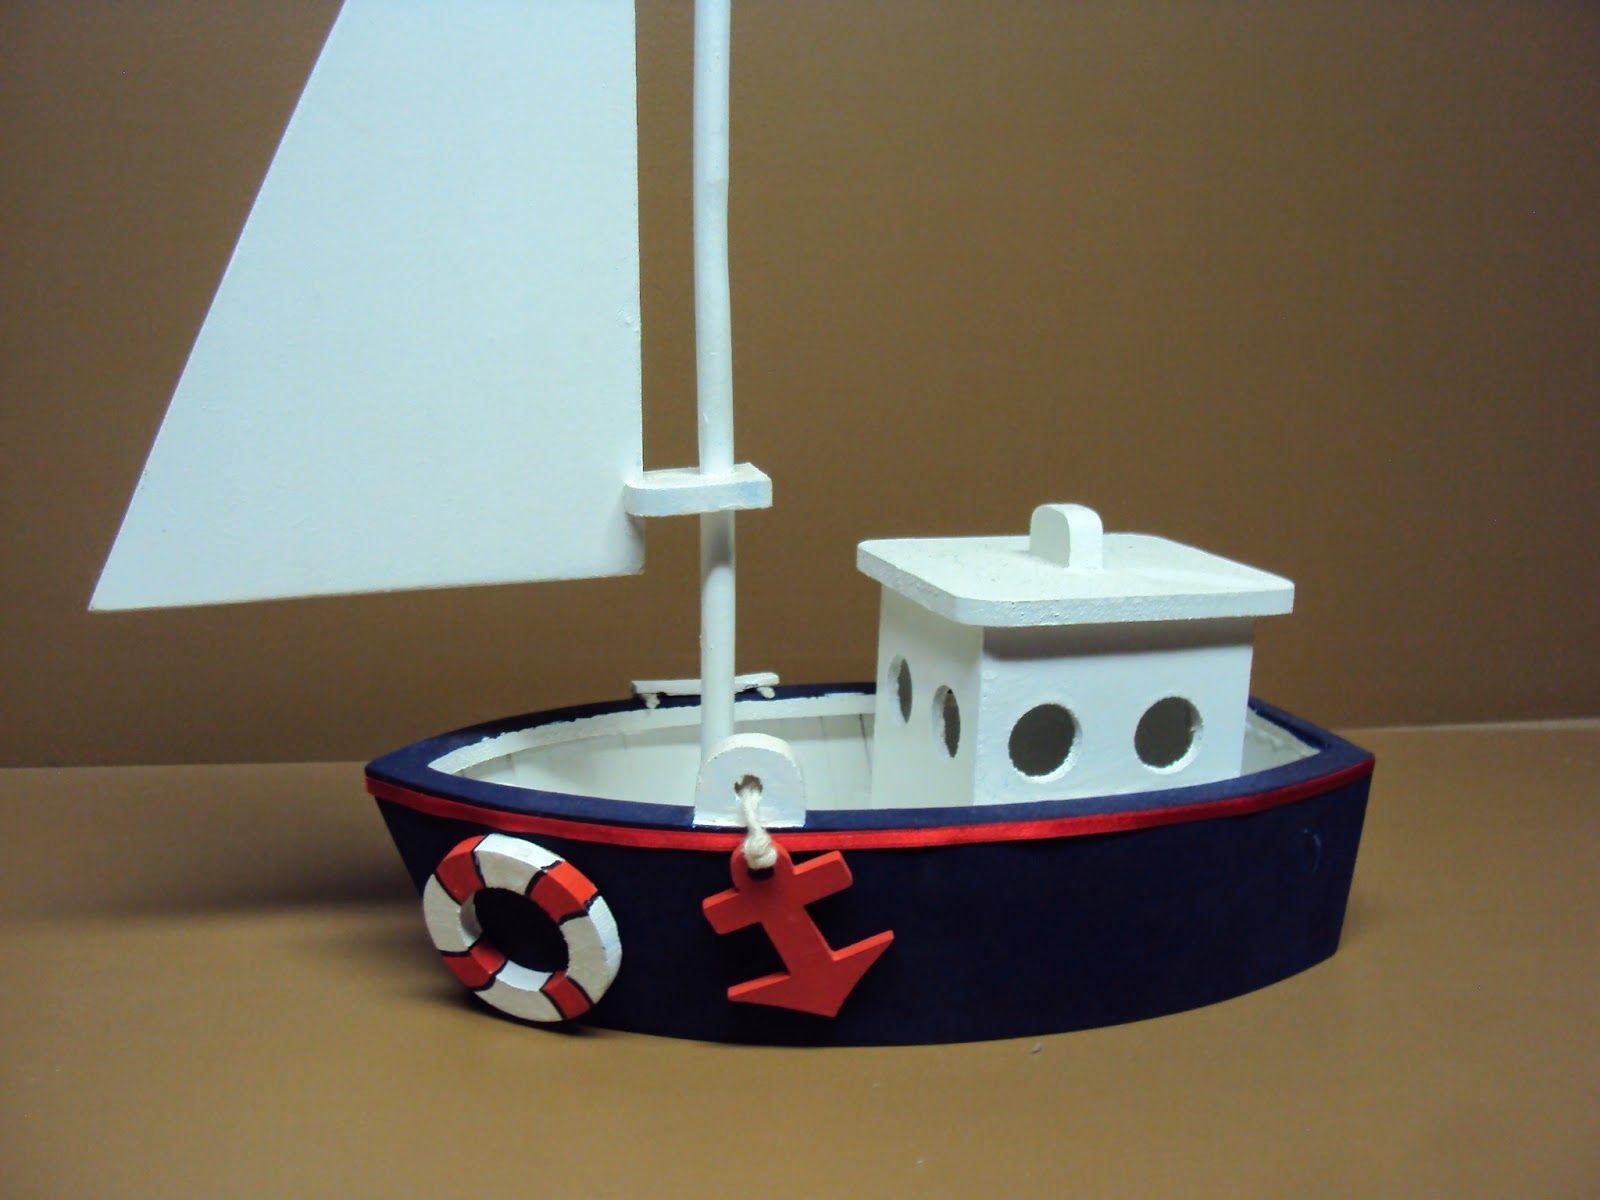 Barco Mdf Enfeite Centro De Mesa Luatebaby Barco De Brinquedo Centro De Mesa Marinheiro Decoração Barco